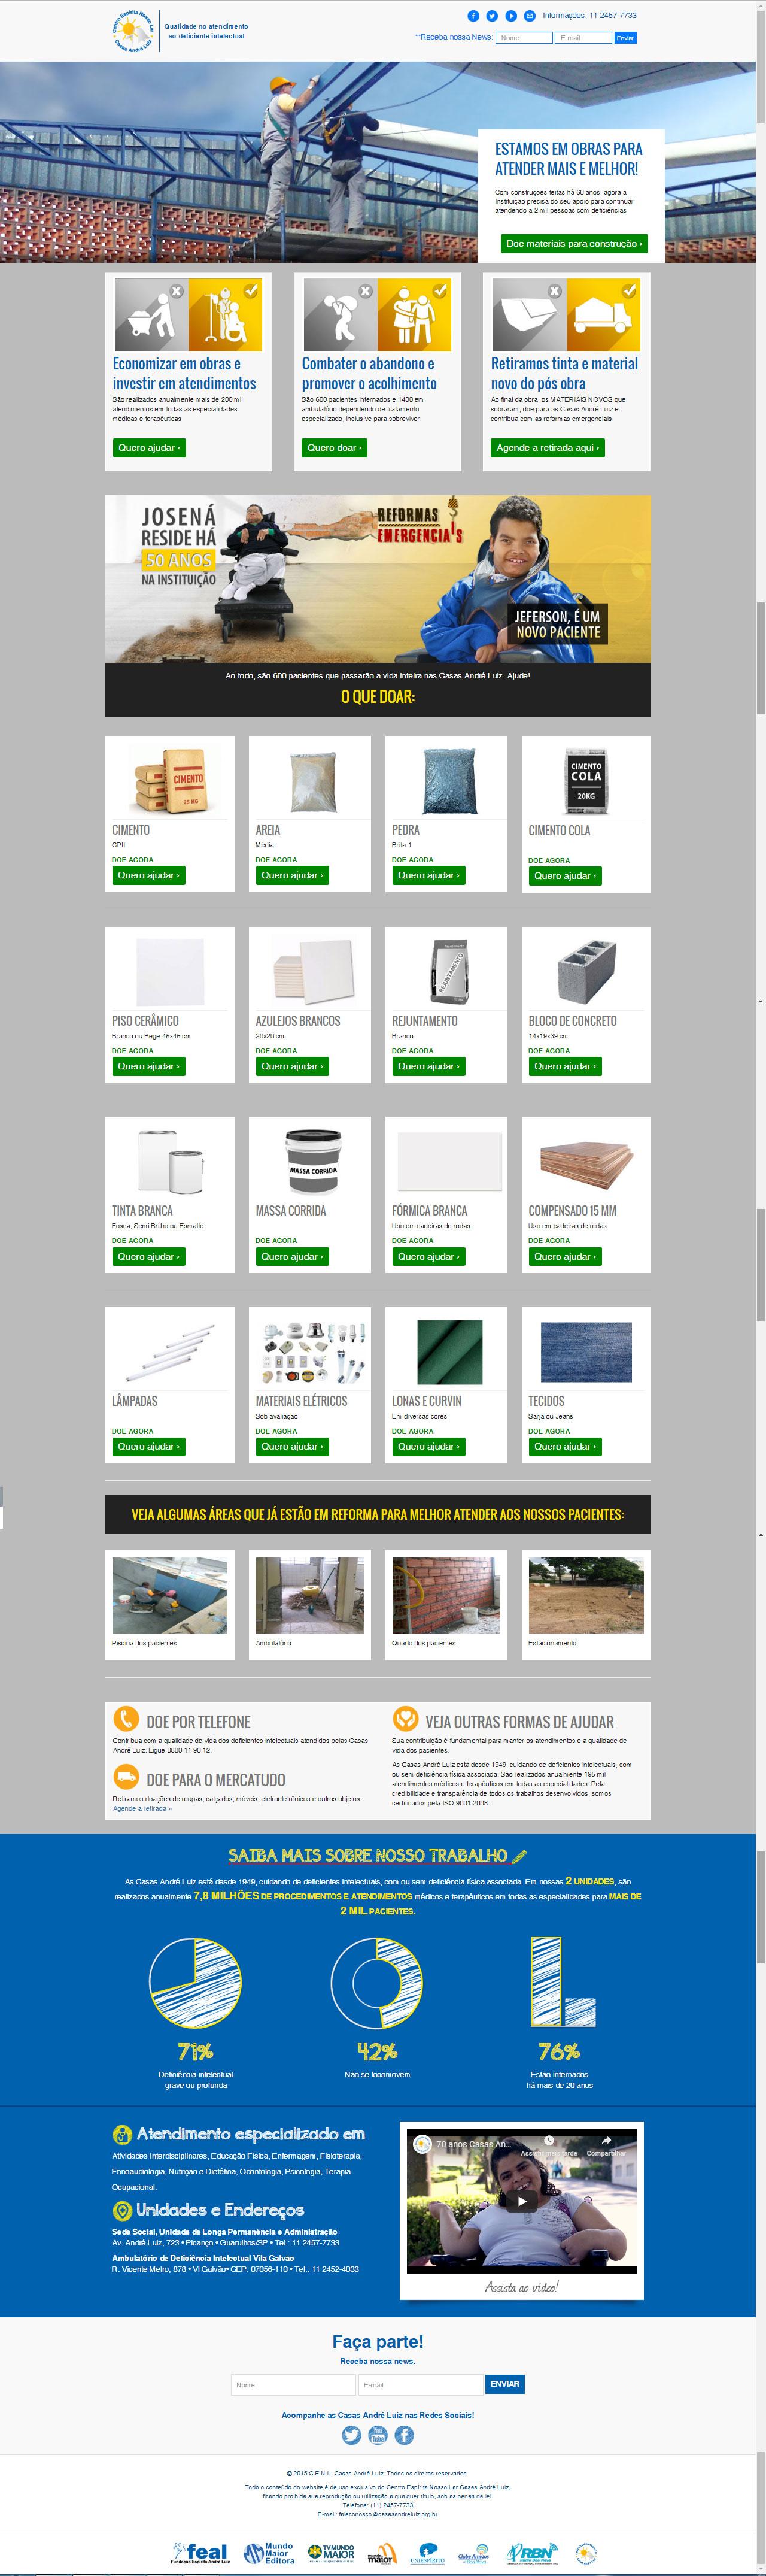 Página de Doações - Campanha de Divulgação de Necessidades de Materiais para Construção para a Casas André Luiz